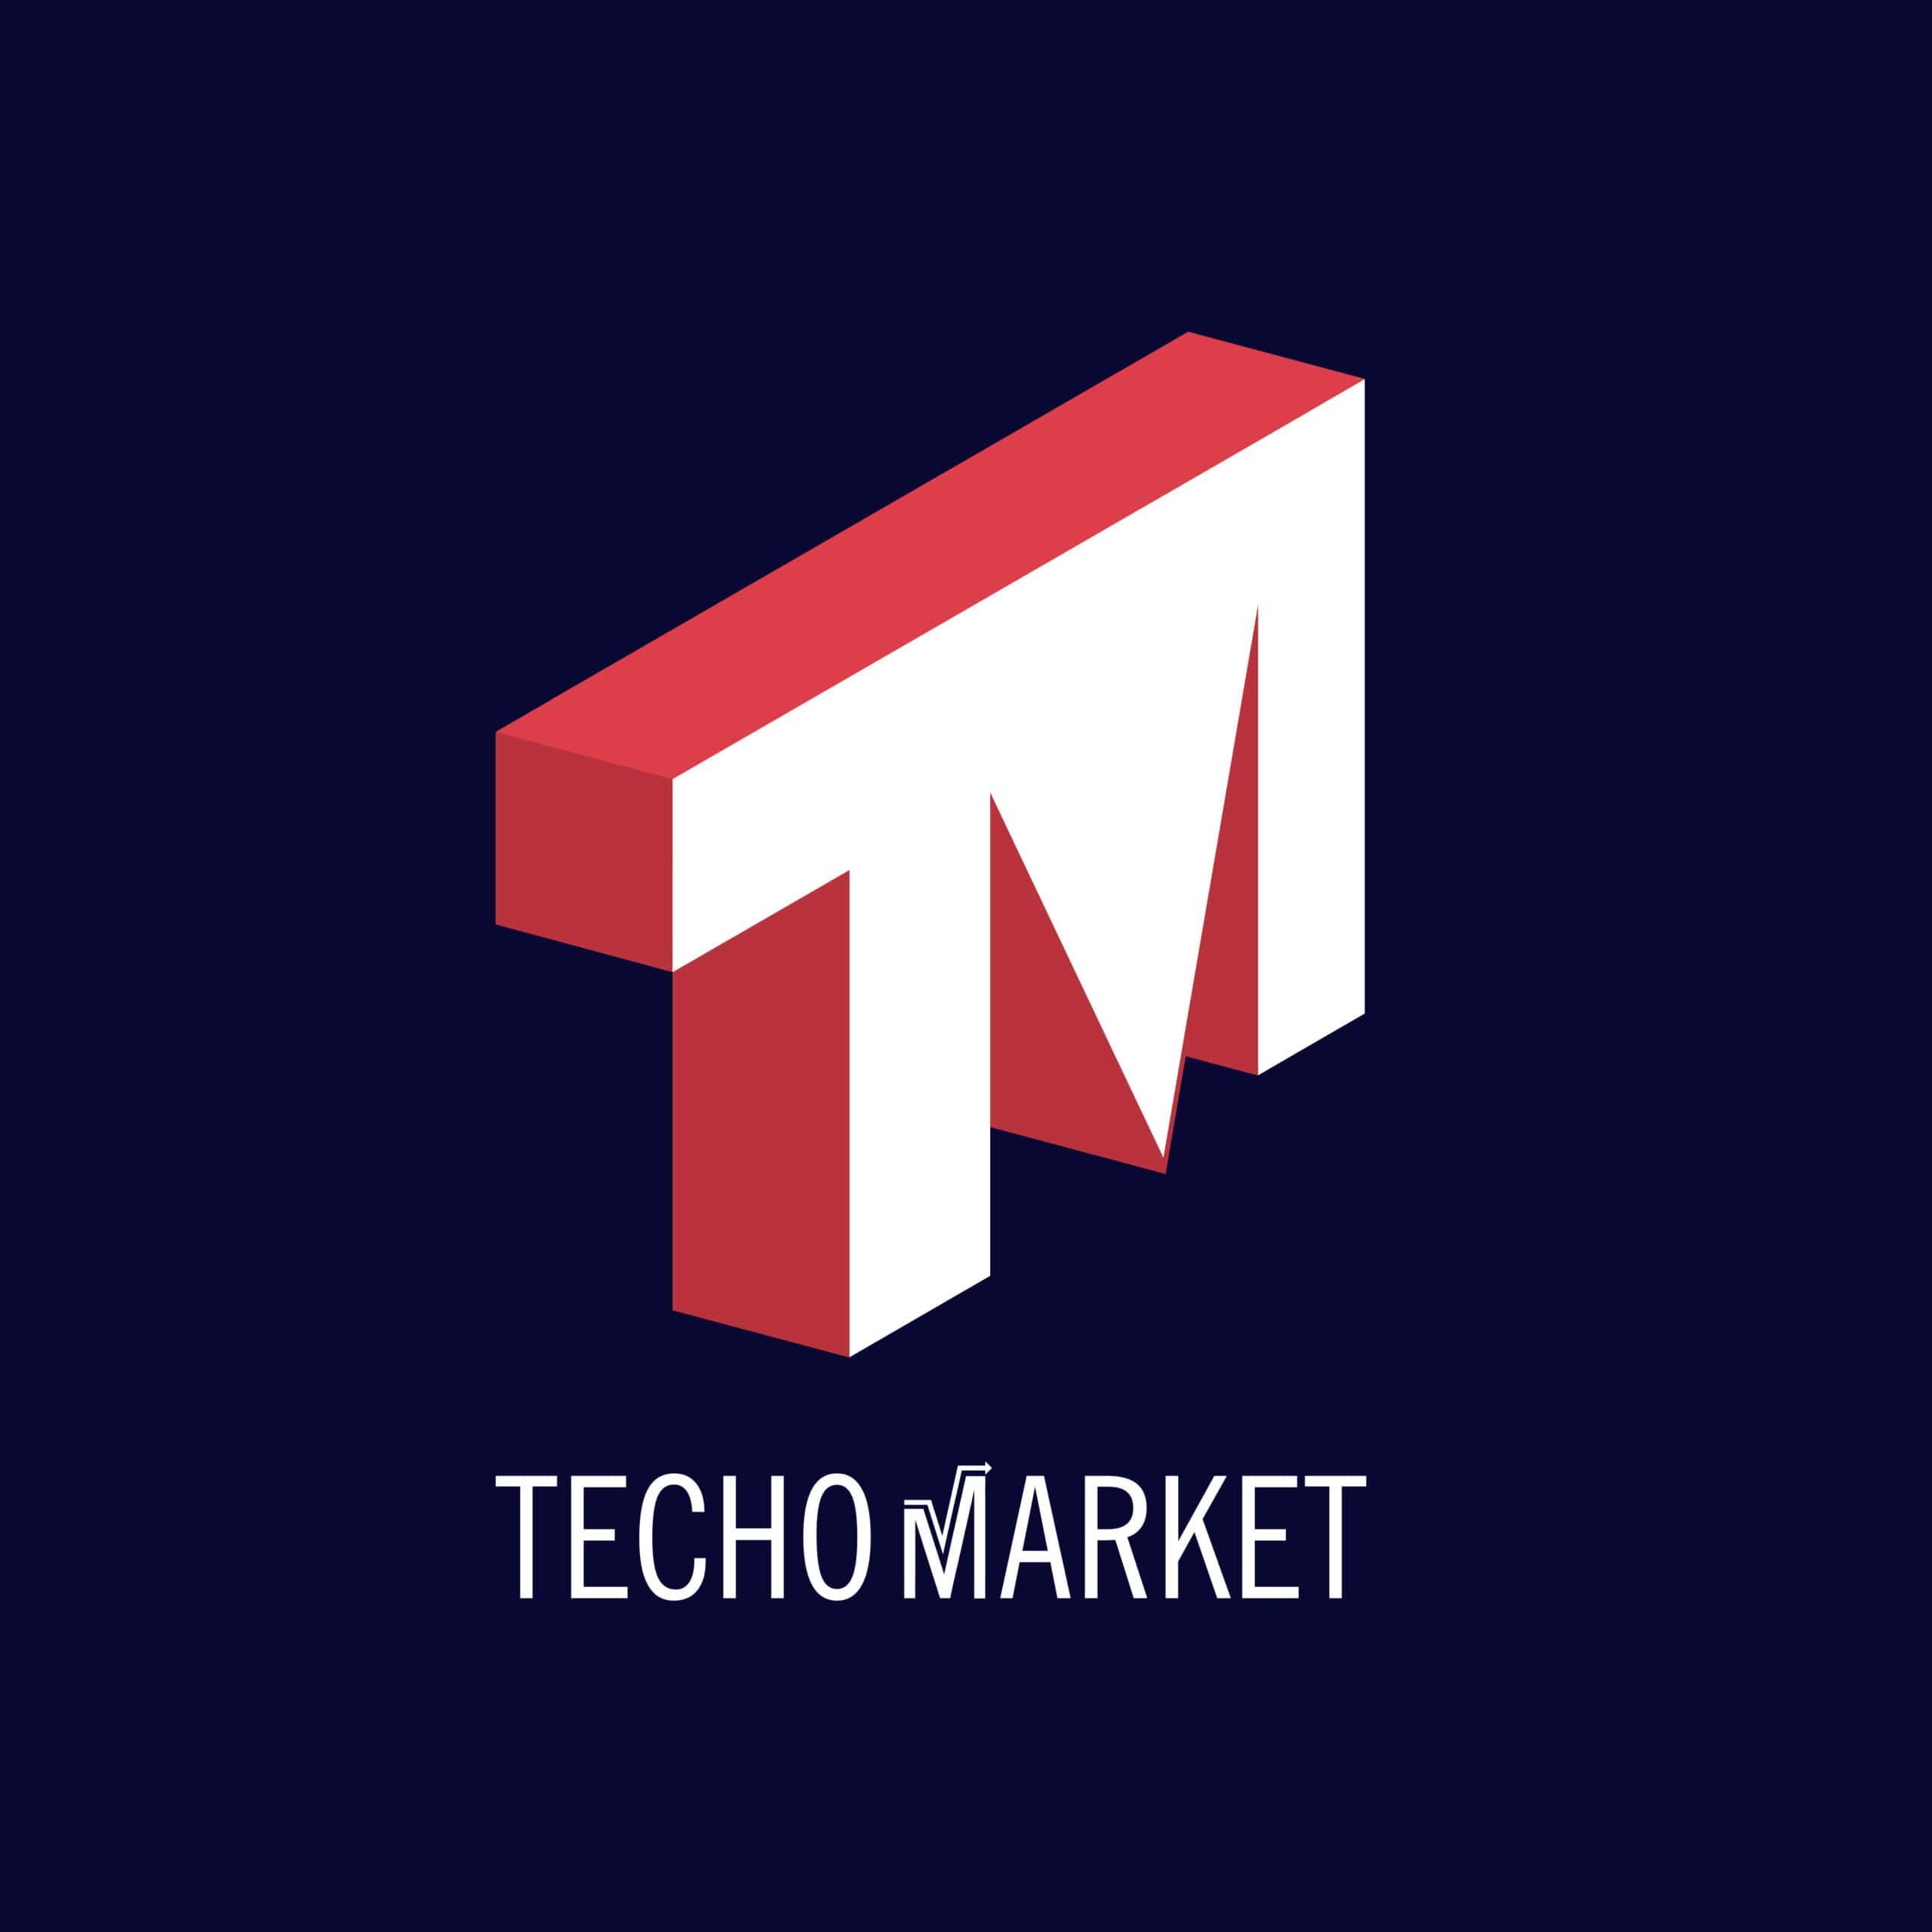 TechoMarket